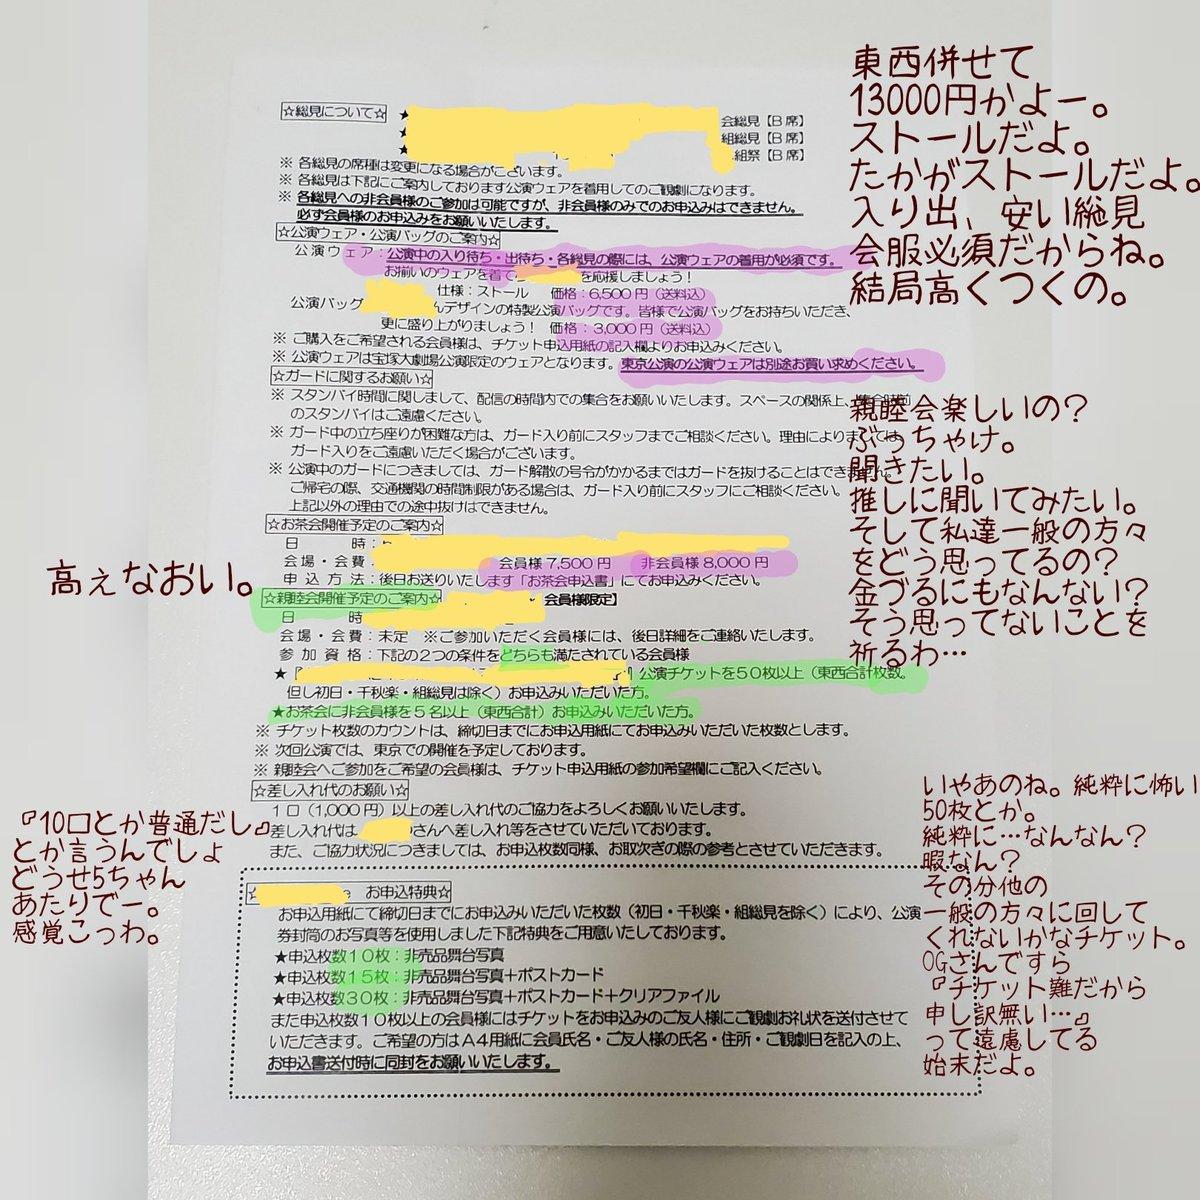 ちゃんねる 宝塚 2 宝塚・四季:2ch勢いランキング